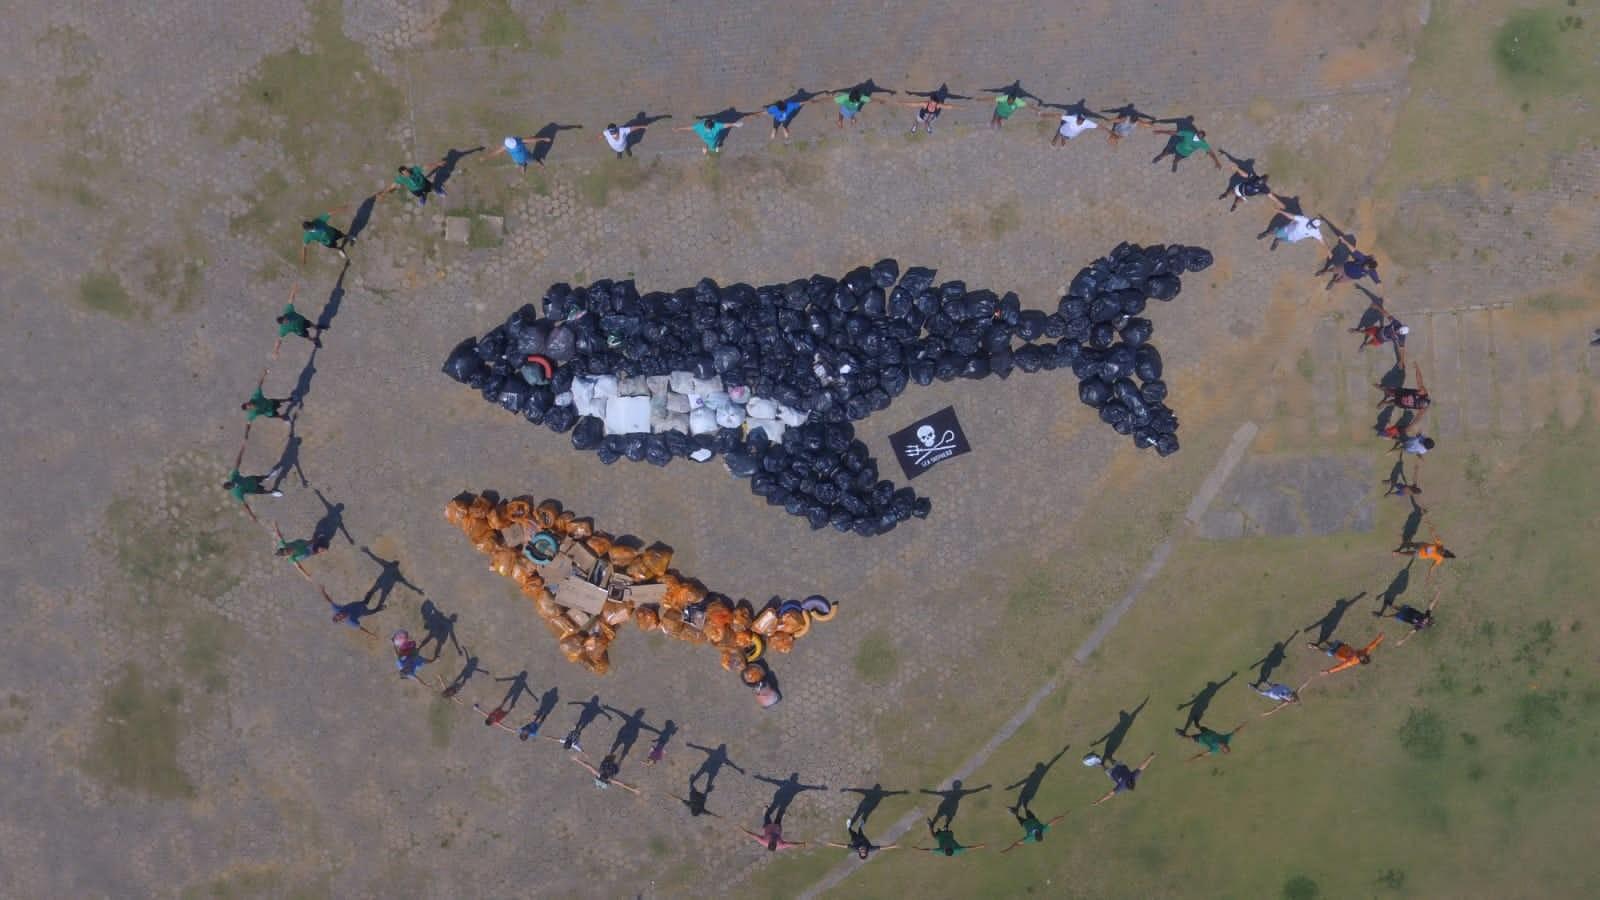 Voluntários retiram pelo menos três toneladas de lixo de praias e rios em um único dia